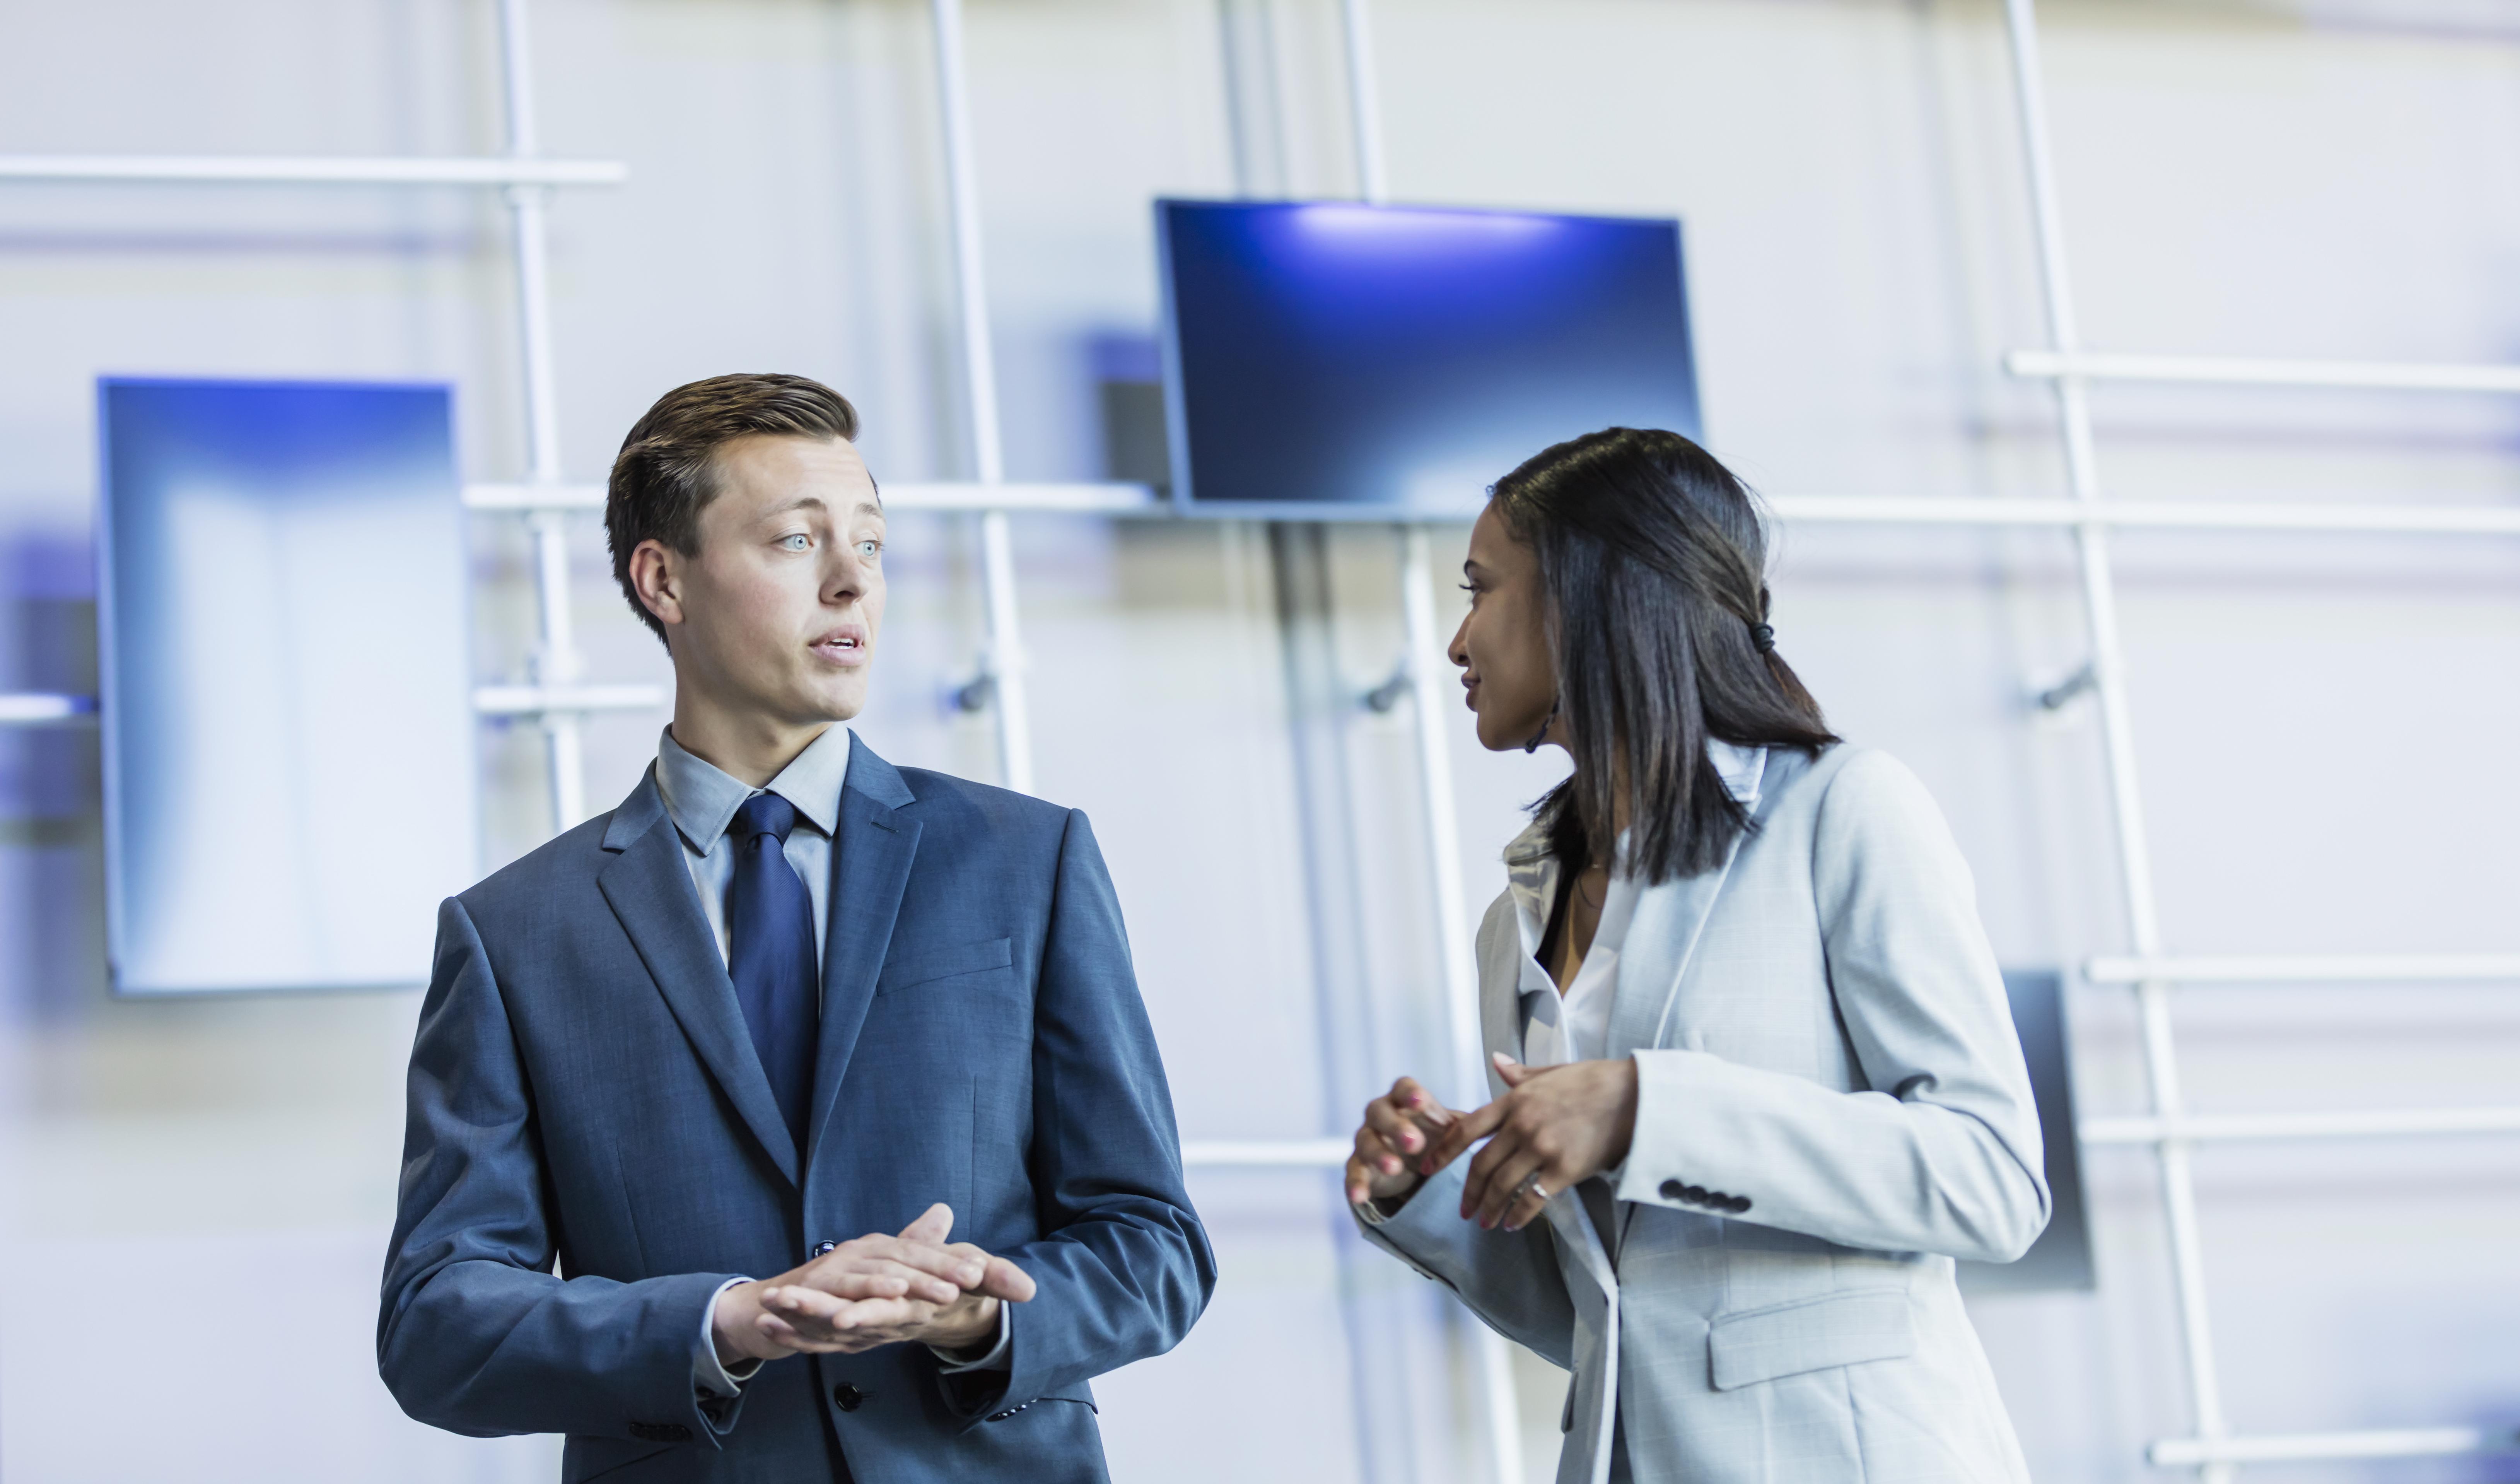 ea1a06e66aed Four Different Types of Business Attire | Chron.com